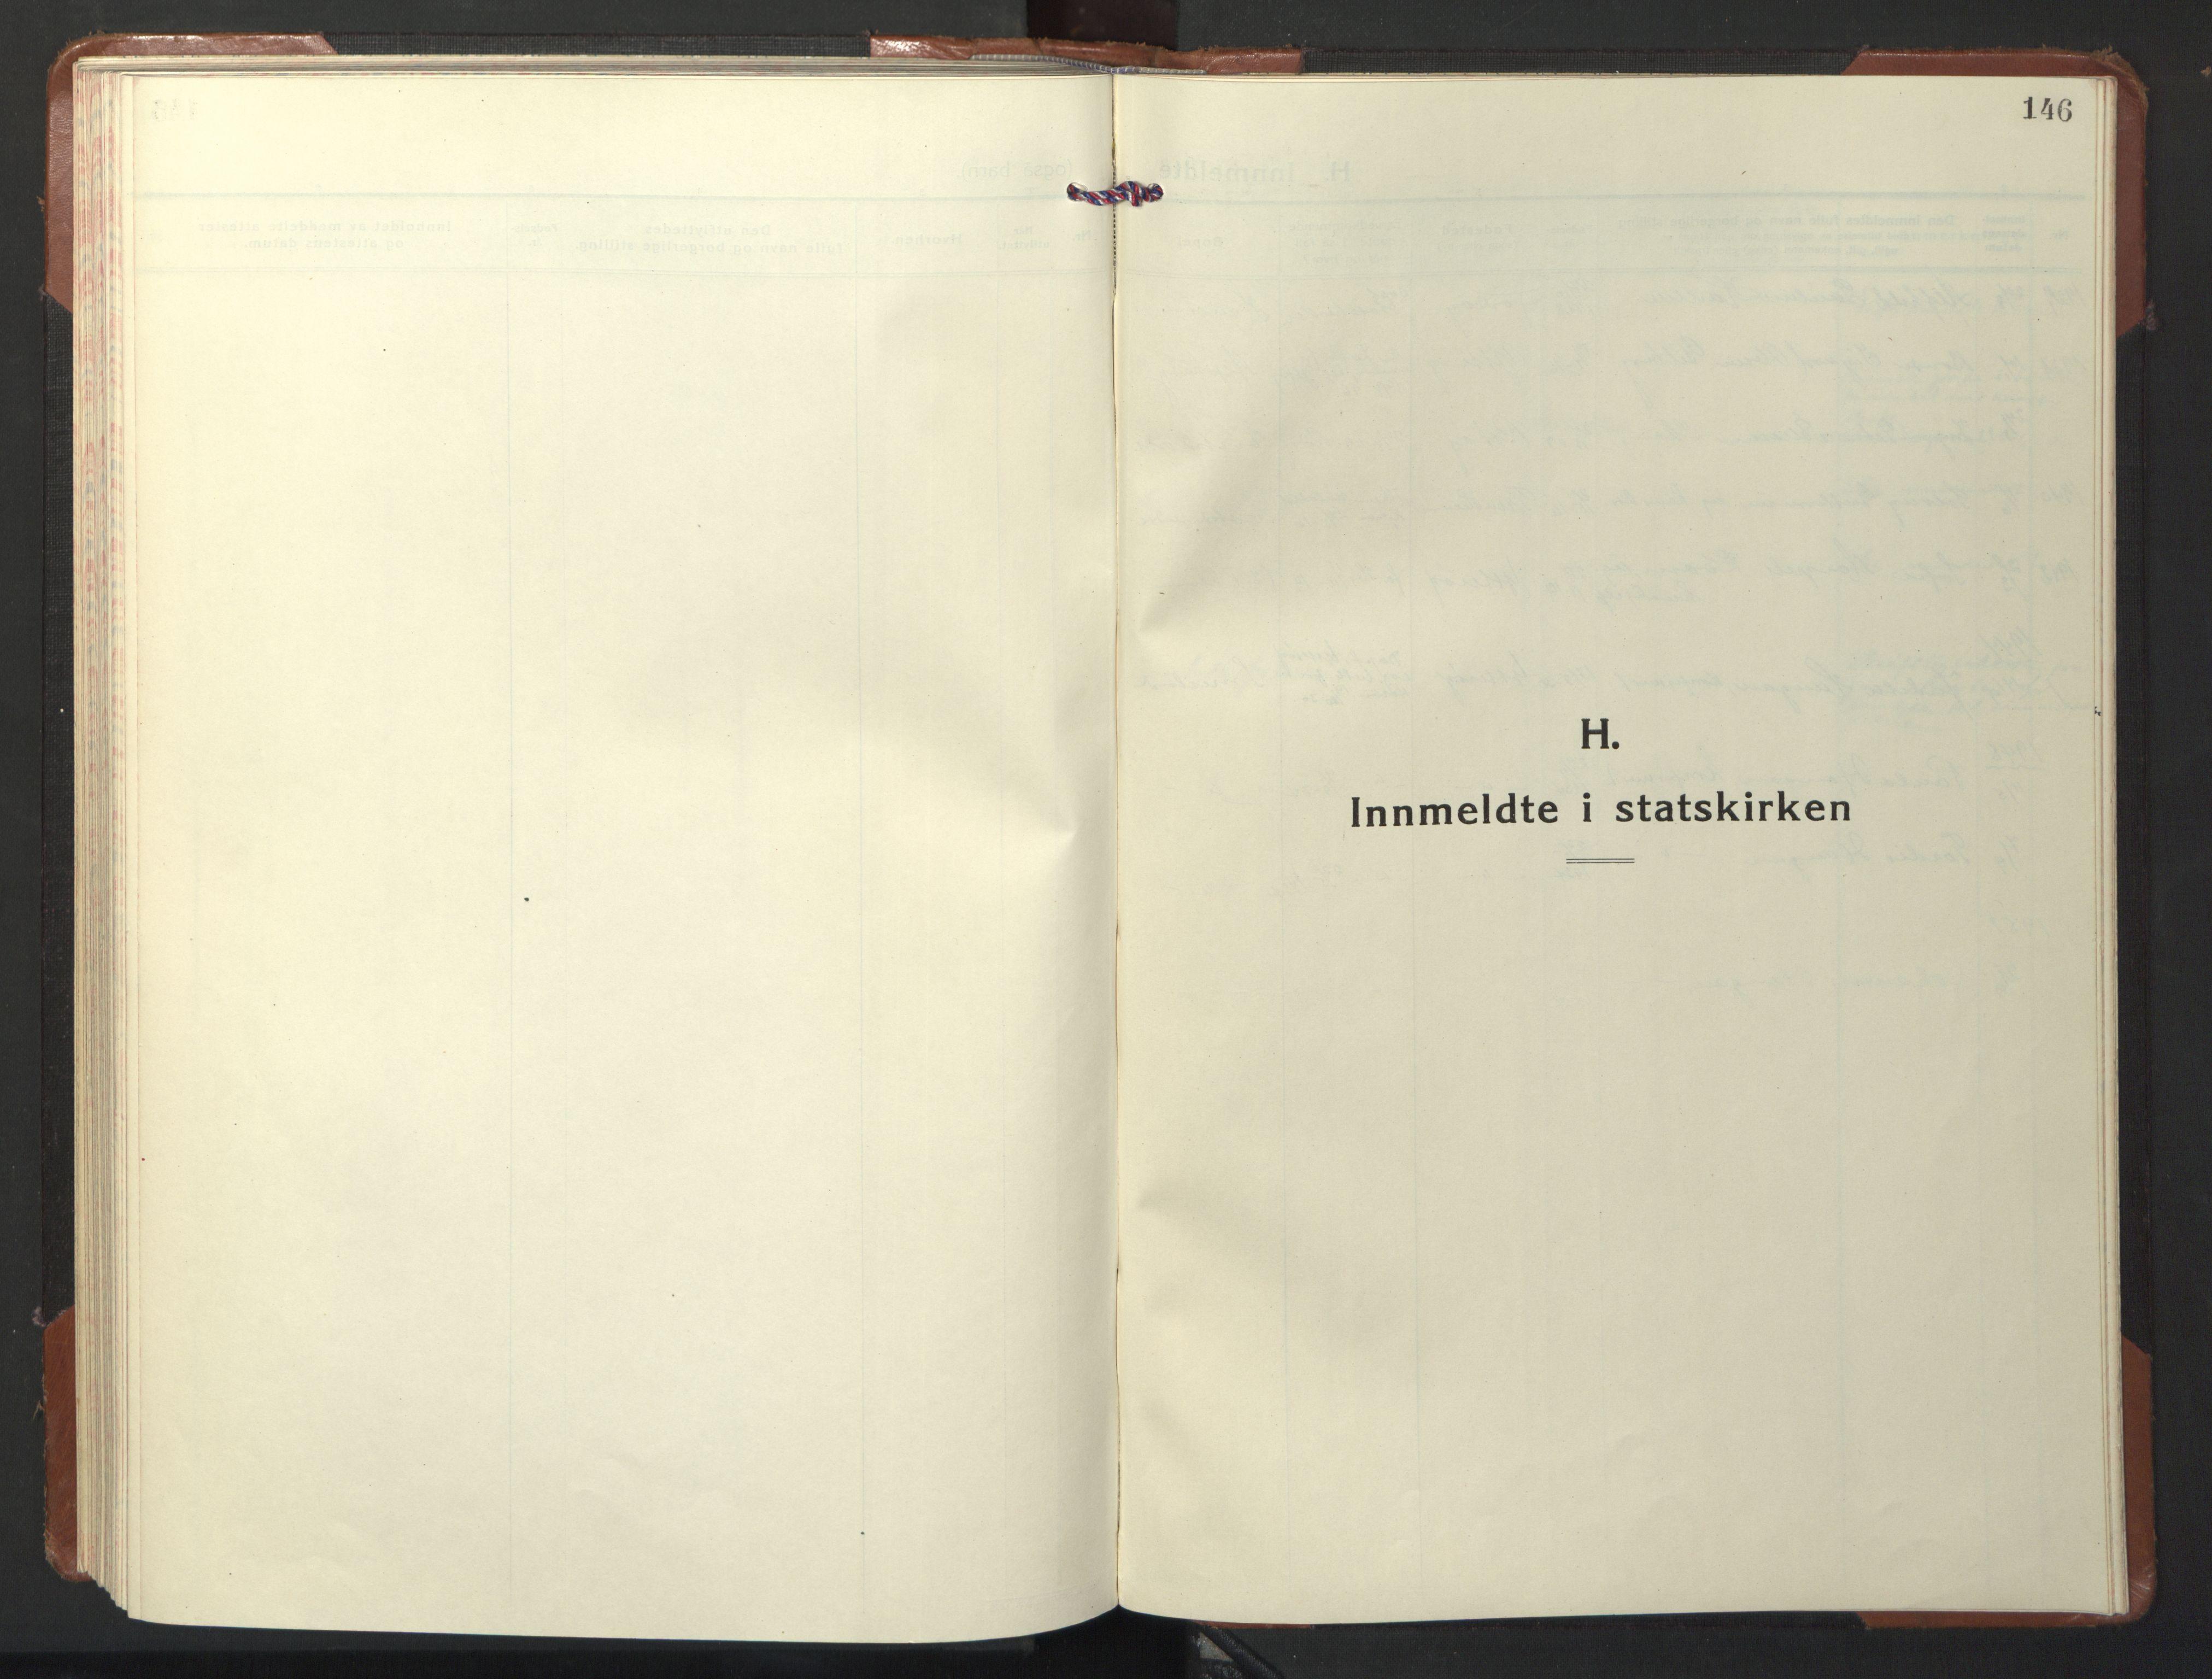 SAT, Ministerialprotokoller, klokkerbøker og fødselsregistre - Nord-Trøndelag, 722/L0227: Klokkerbok nr. 722C03, 1928-1958, s. 146